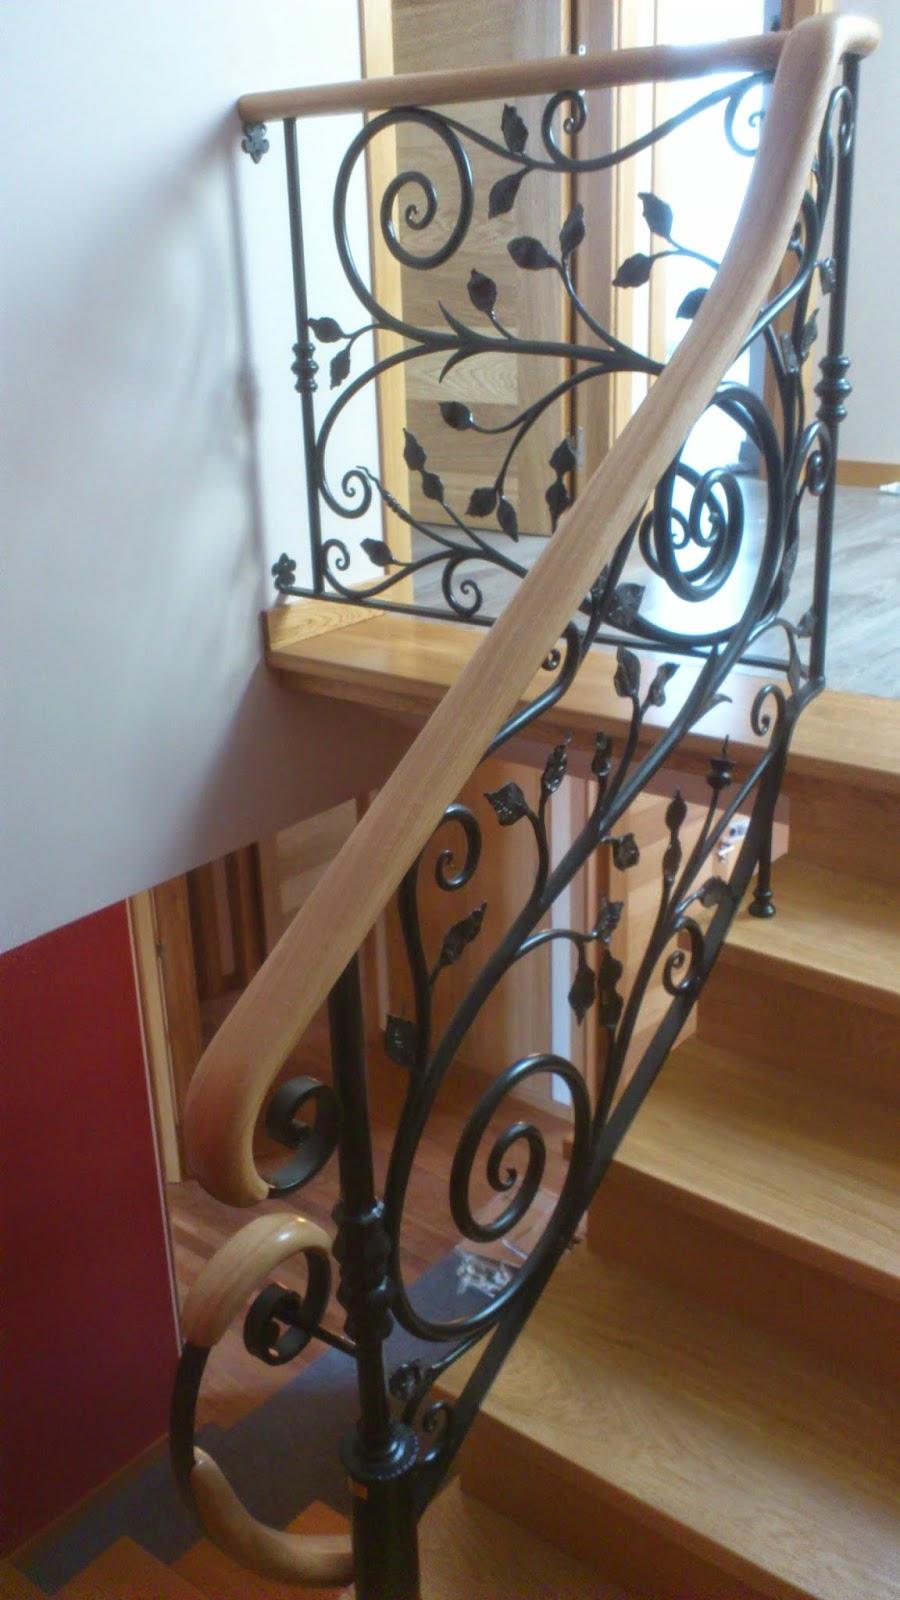 Escaleras y pasamanos pasamanos forja madera - Pasamanos de madera para escaleras ...